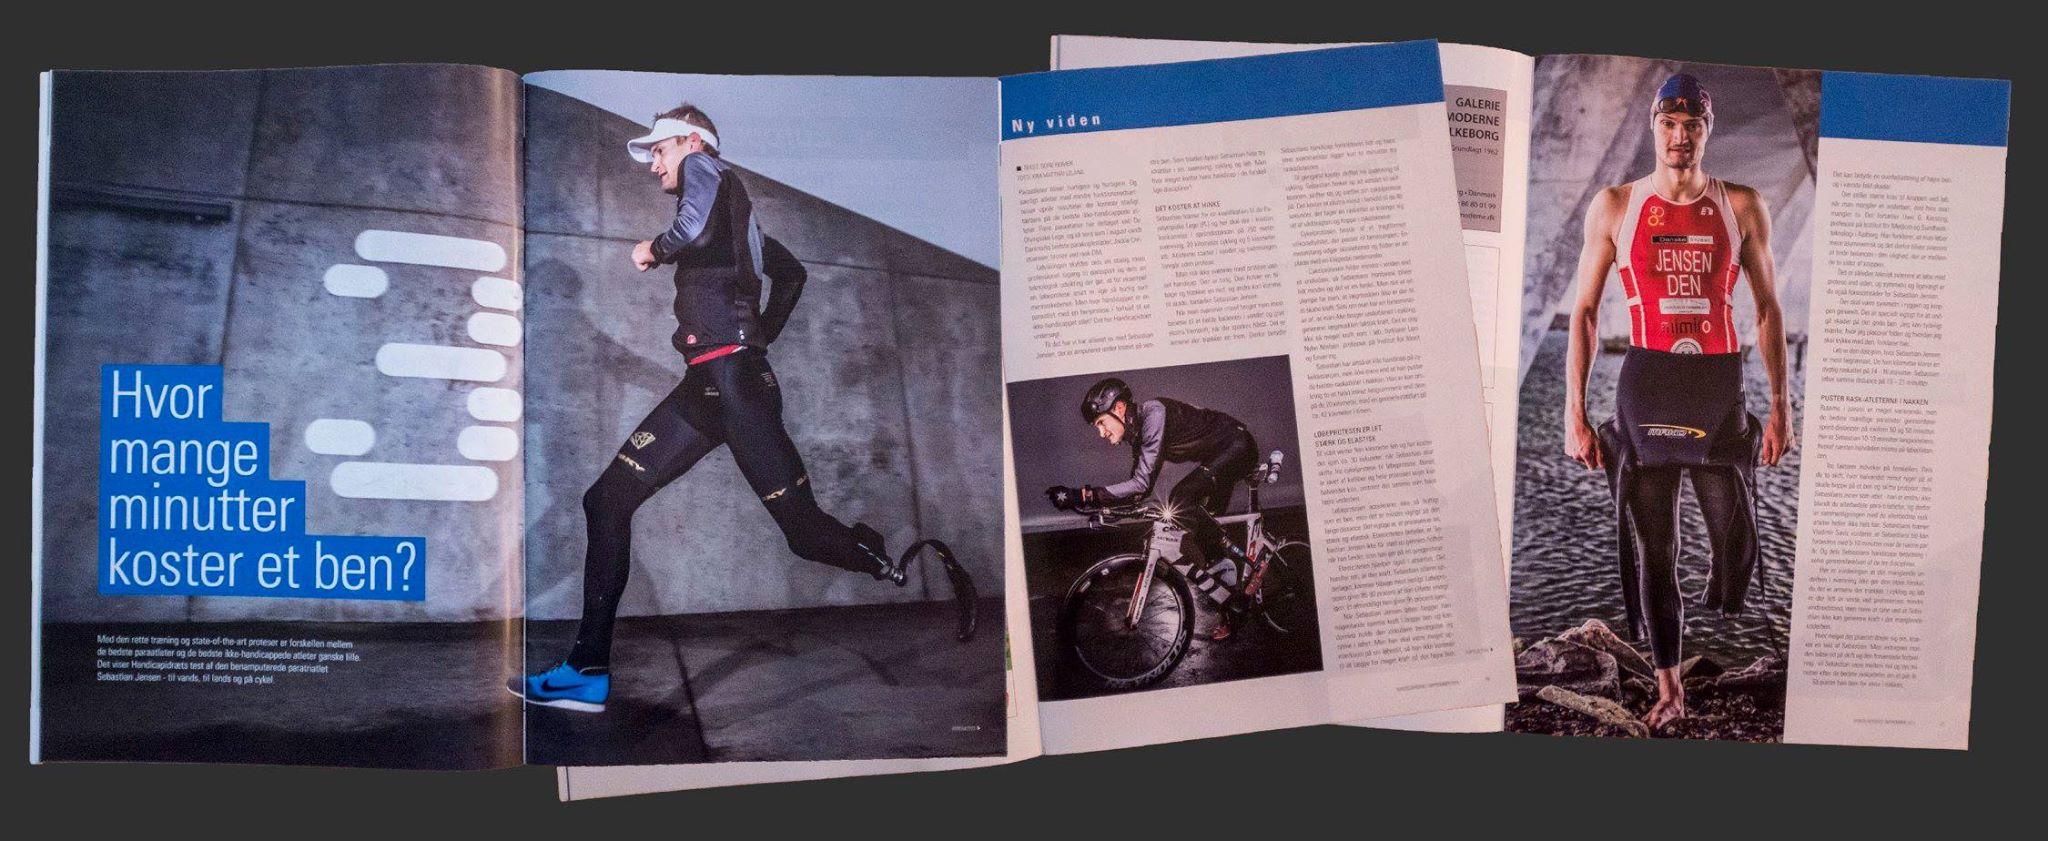 Artiklen blev bragt i Dansk Handicap Idrætsforbunds blad Handicapidræt.